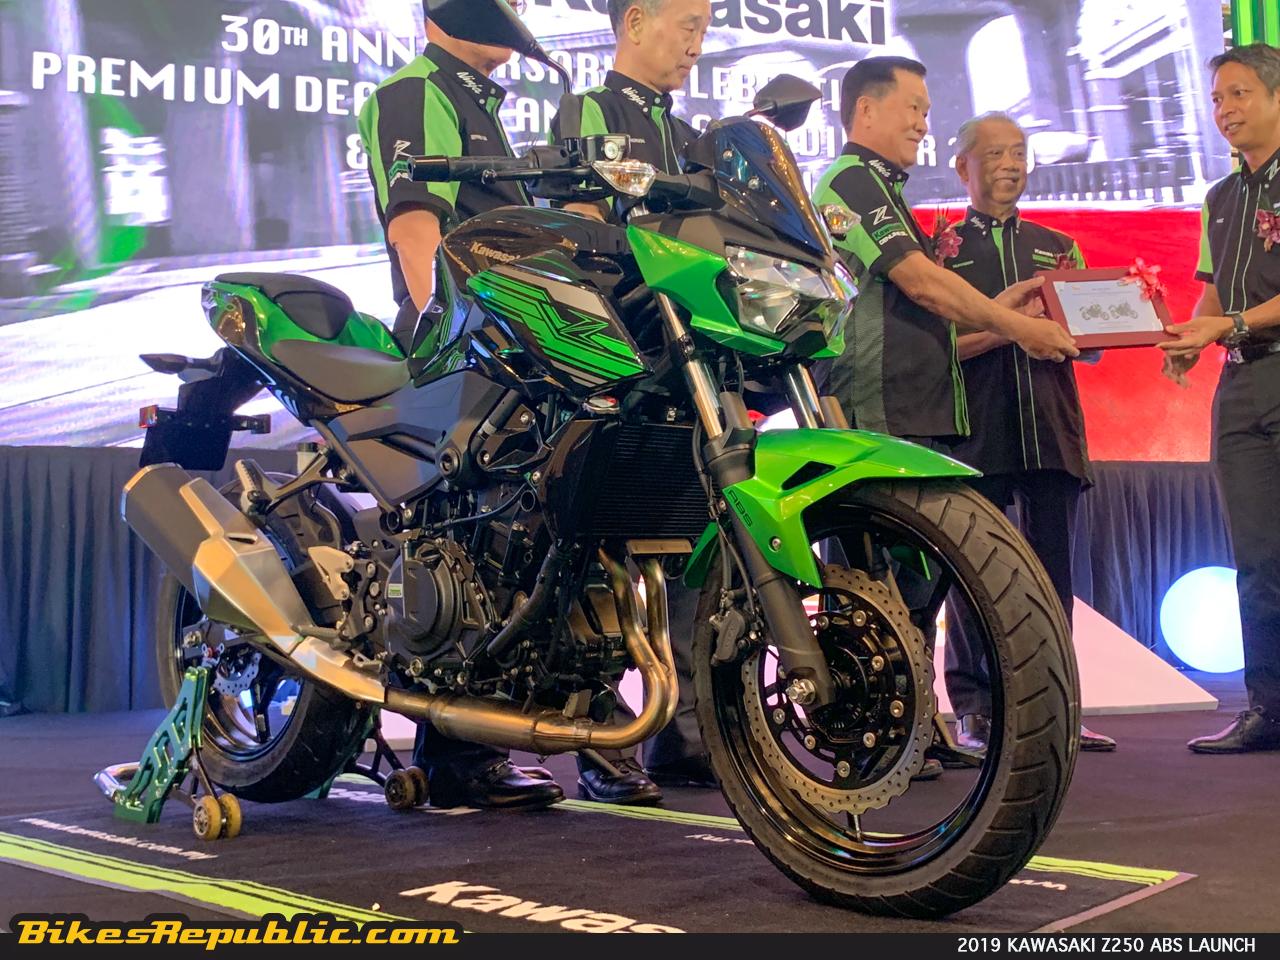 2019 Kawasaki Z250 Abs Kawasaki Z400 Se Abs Launched From Rm 21 998 00 Bikesrepublic